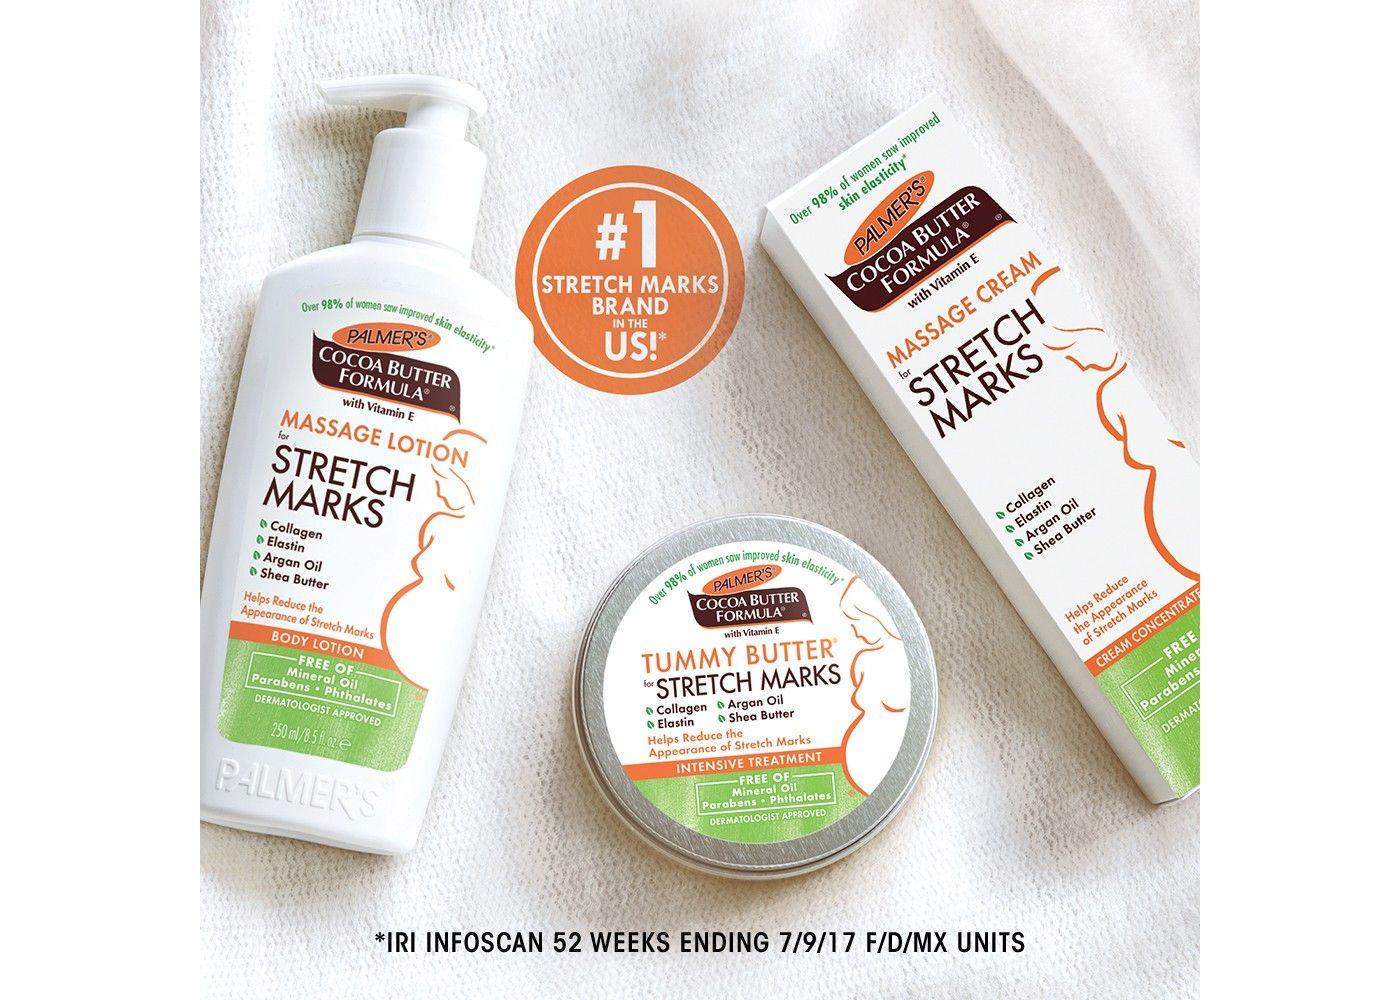 Palmer S Cocoa Butter Formula Massage Cream For Stretch Marks 4 4oz In 2021 Palmers Cocoa Butter Formula Cocoa Butter Formula Lotion For Stretch Marks